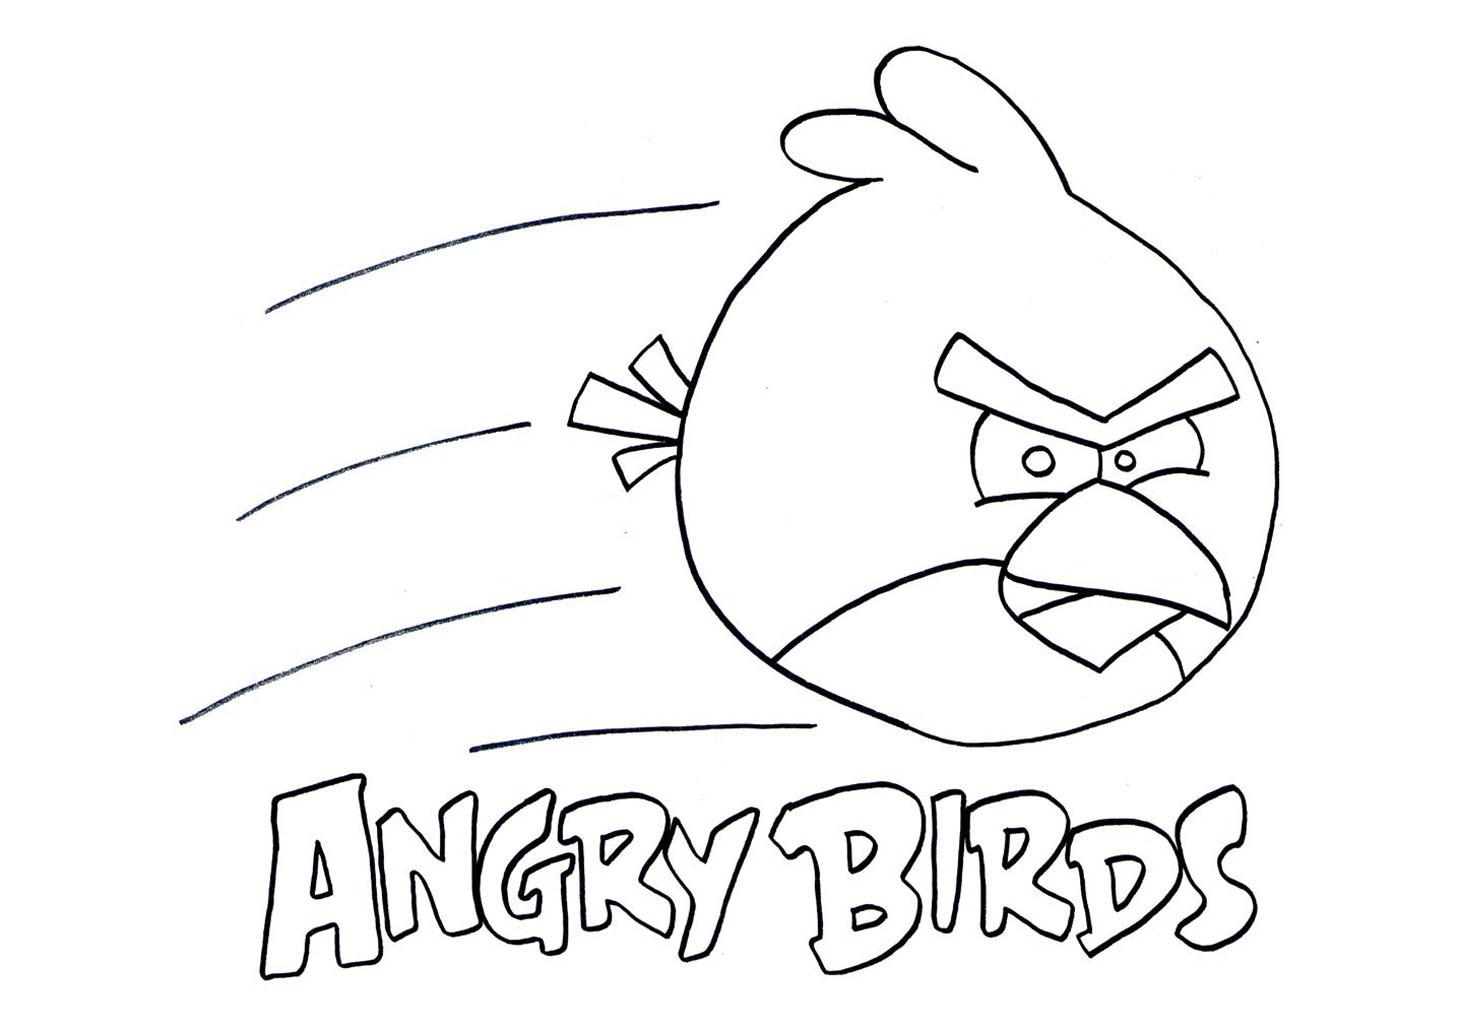 Dessin angry birds imprimer gratuit - Angry birds gratuit en ligne ...